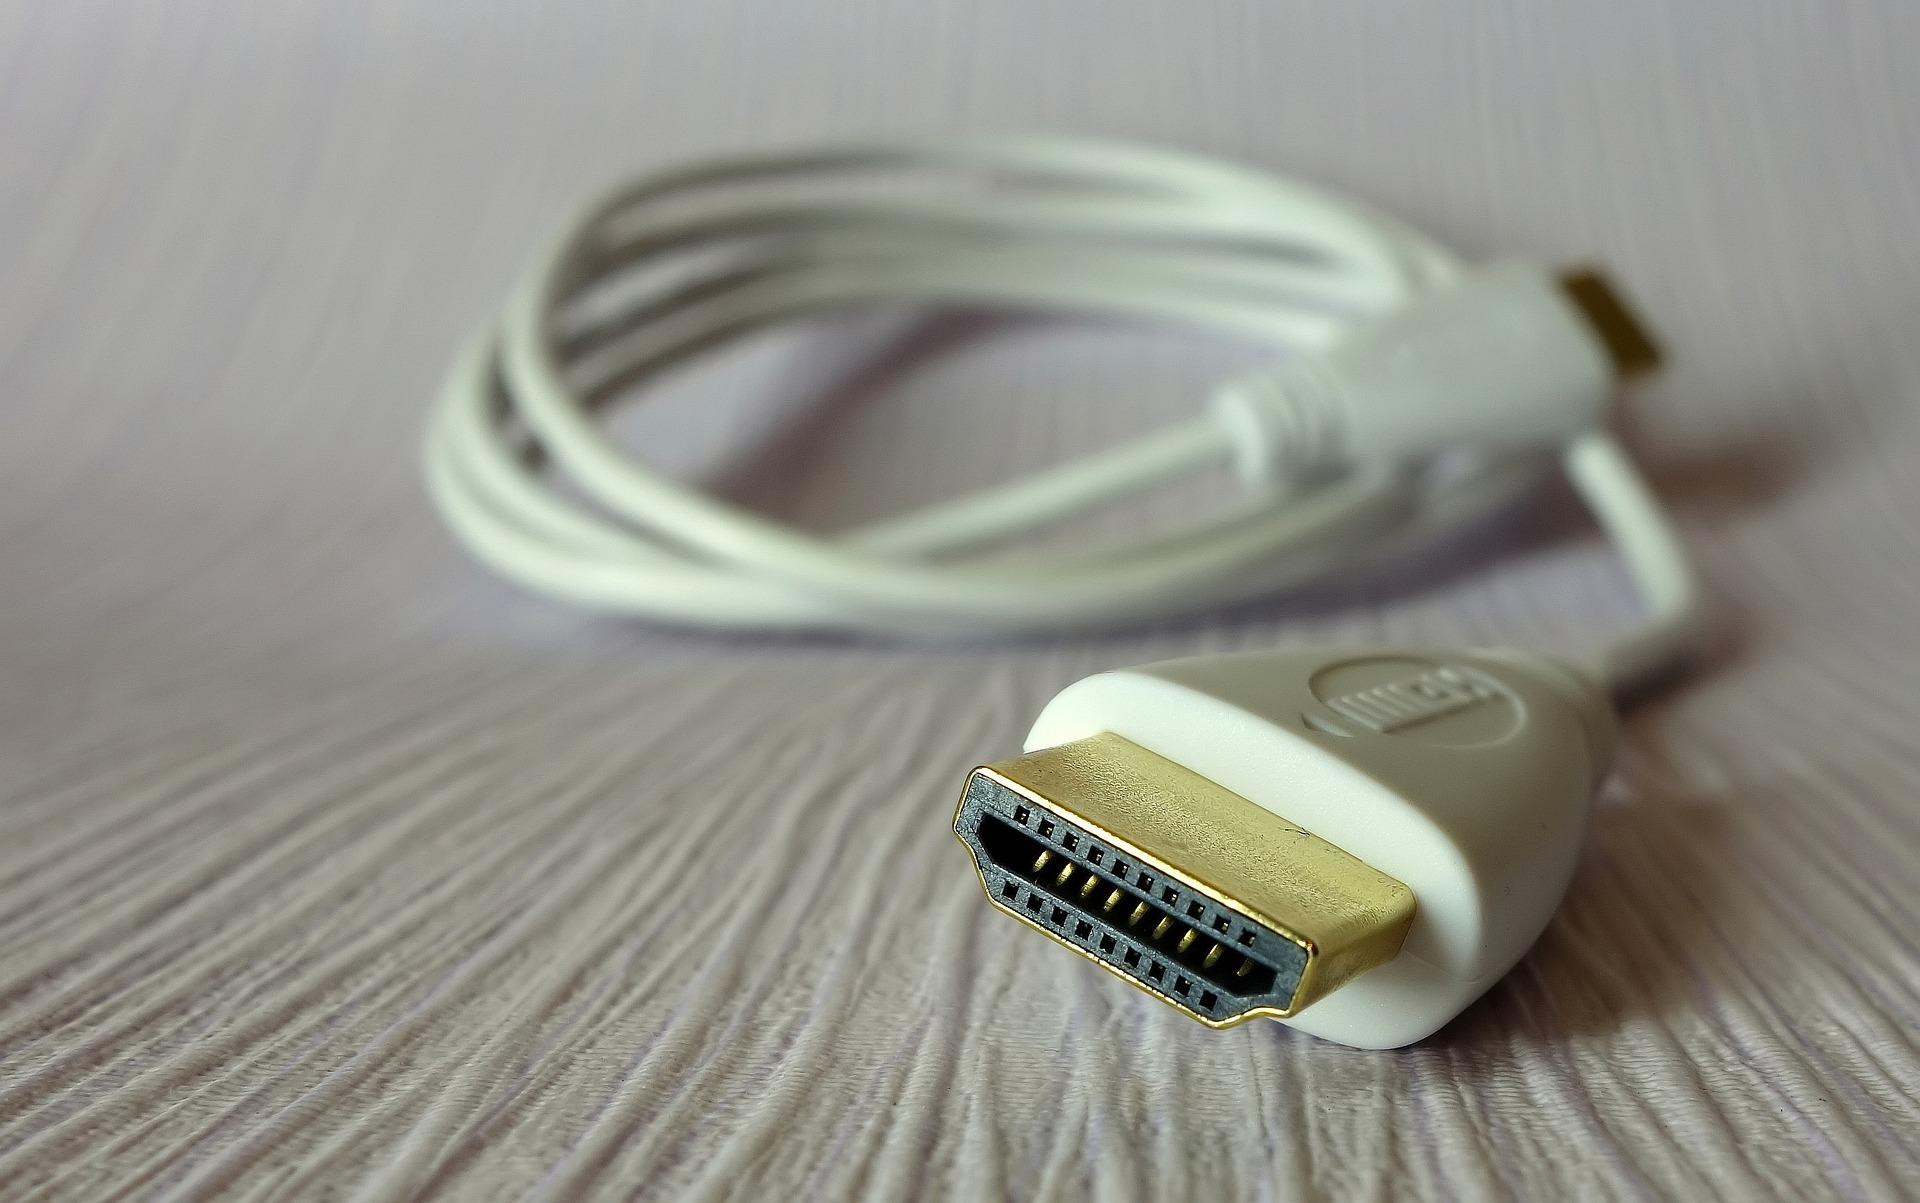 De VGA a HDMI: puertos y cables para conectar pantallas y televisores